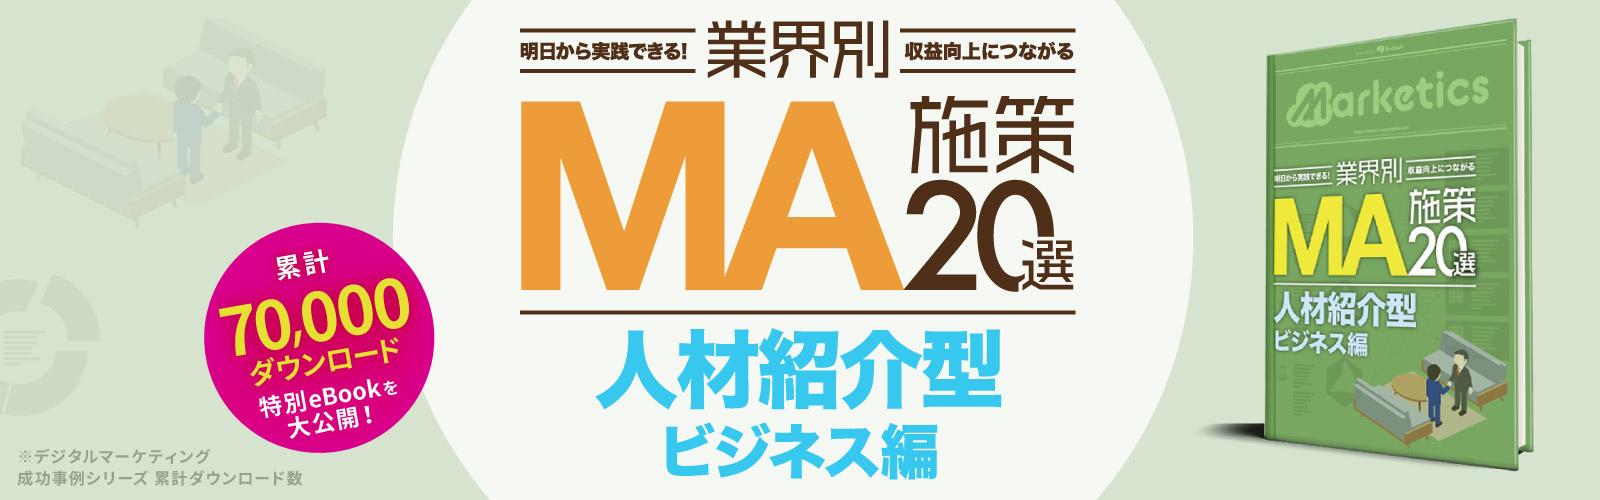 業界別MA施策20選<br /> 「人材紹介型ビジネス編」